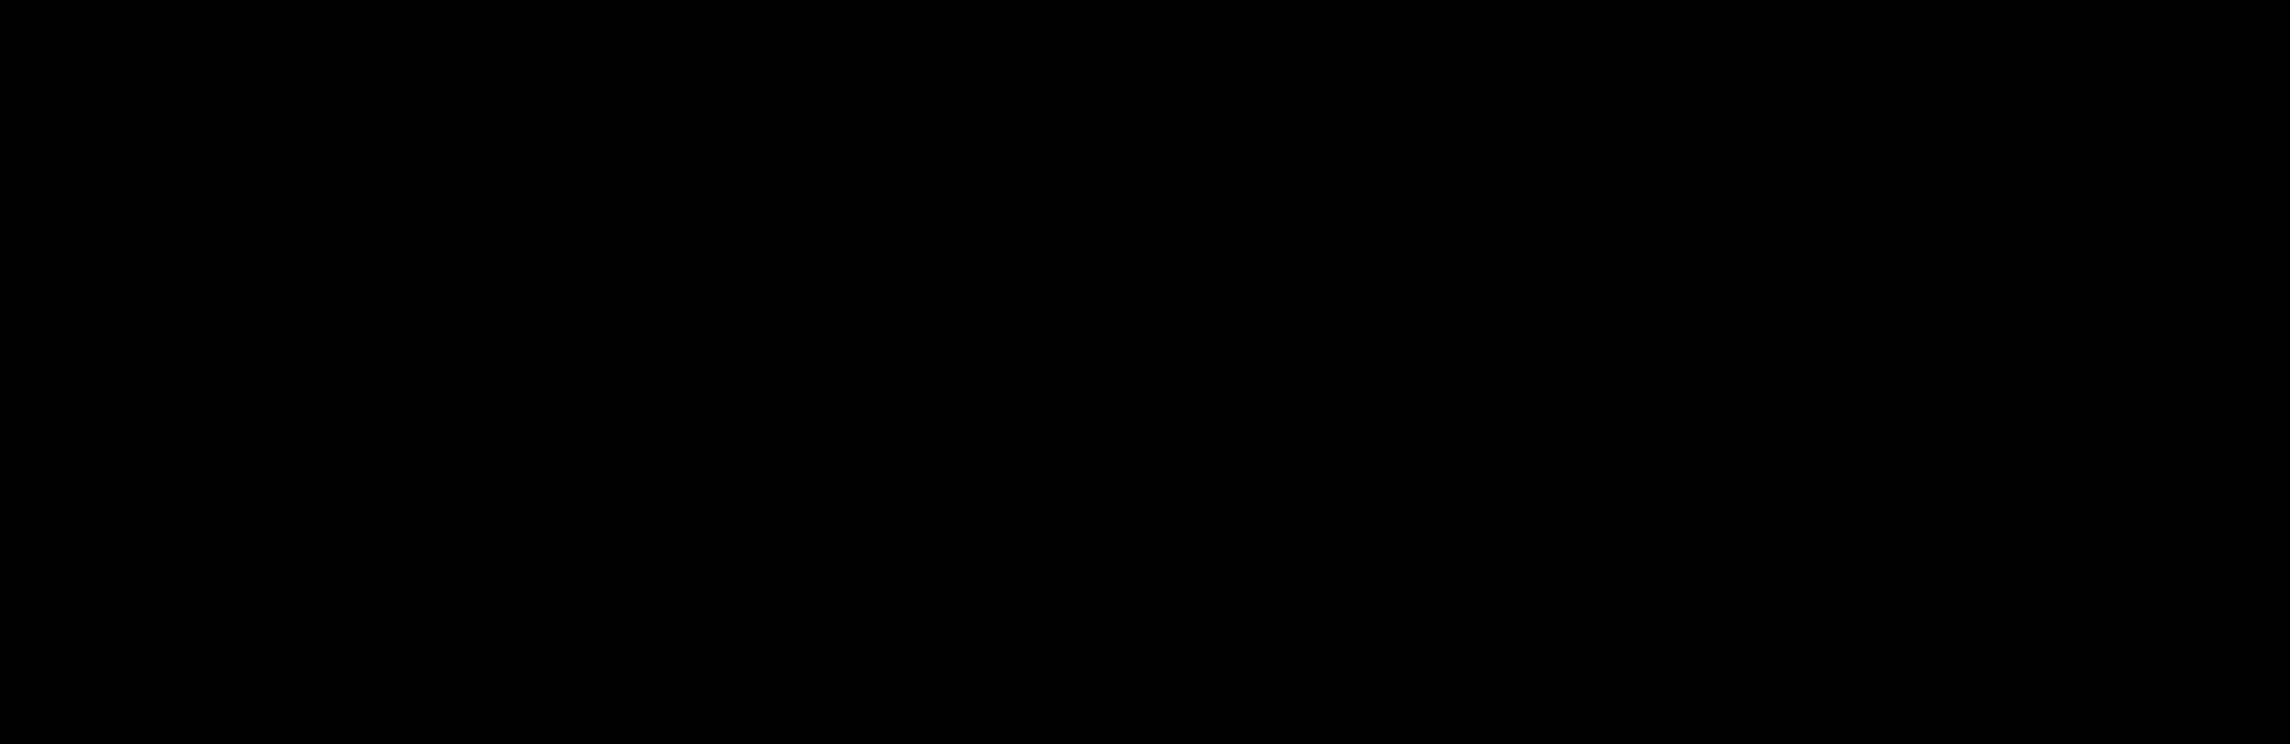 (E)-3-(4-Hydroxy-3-methoxy-d<sub>3</sub>-phenyl)-N-(5-((1,2,3,4-tetrahydroacridin-9-yl)amino)pentyl)acrylamide